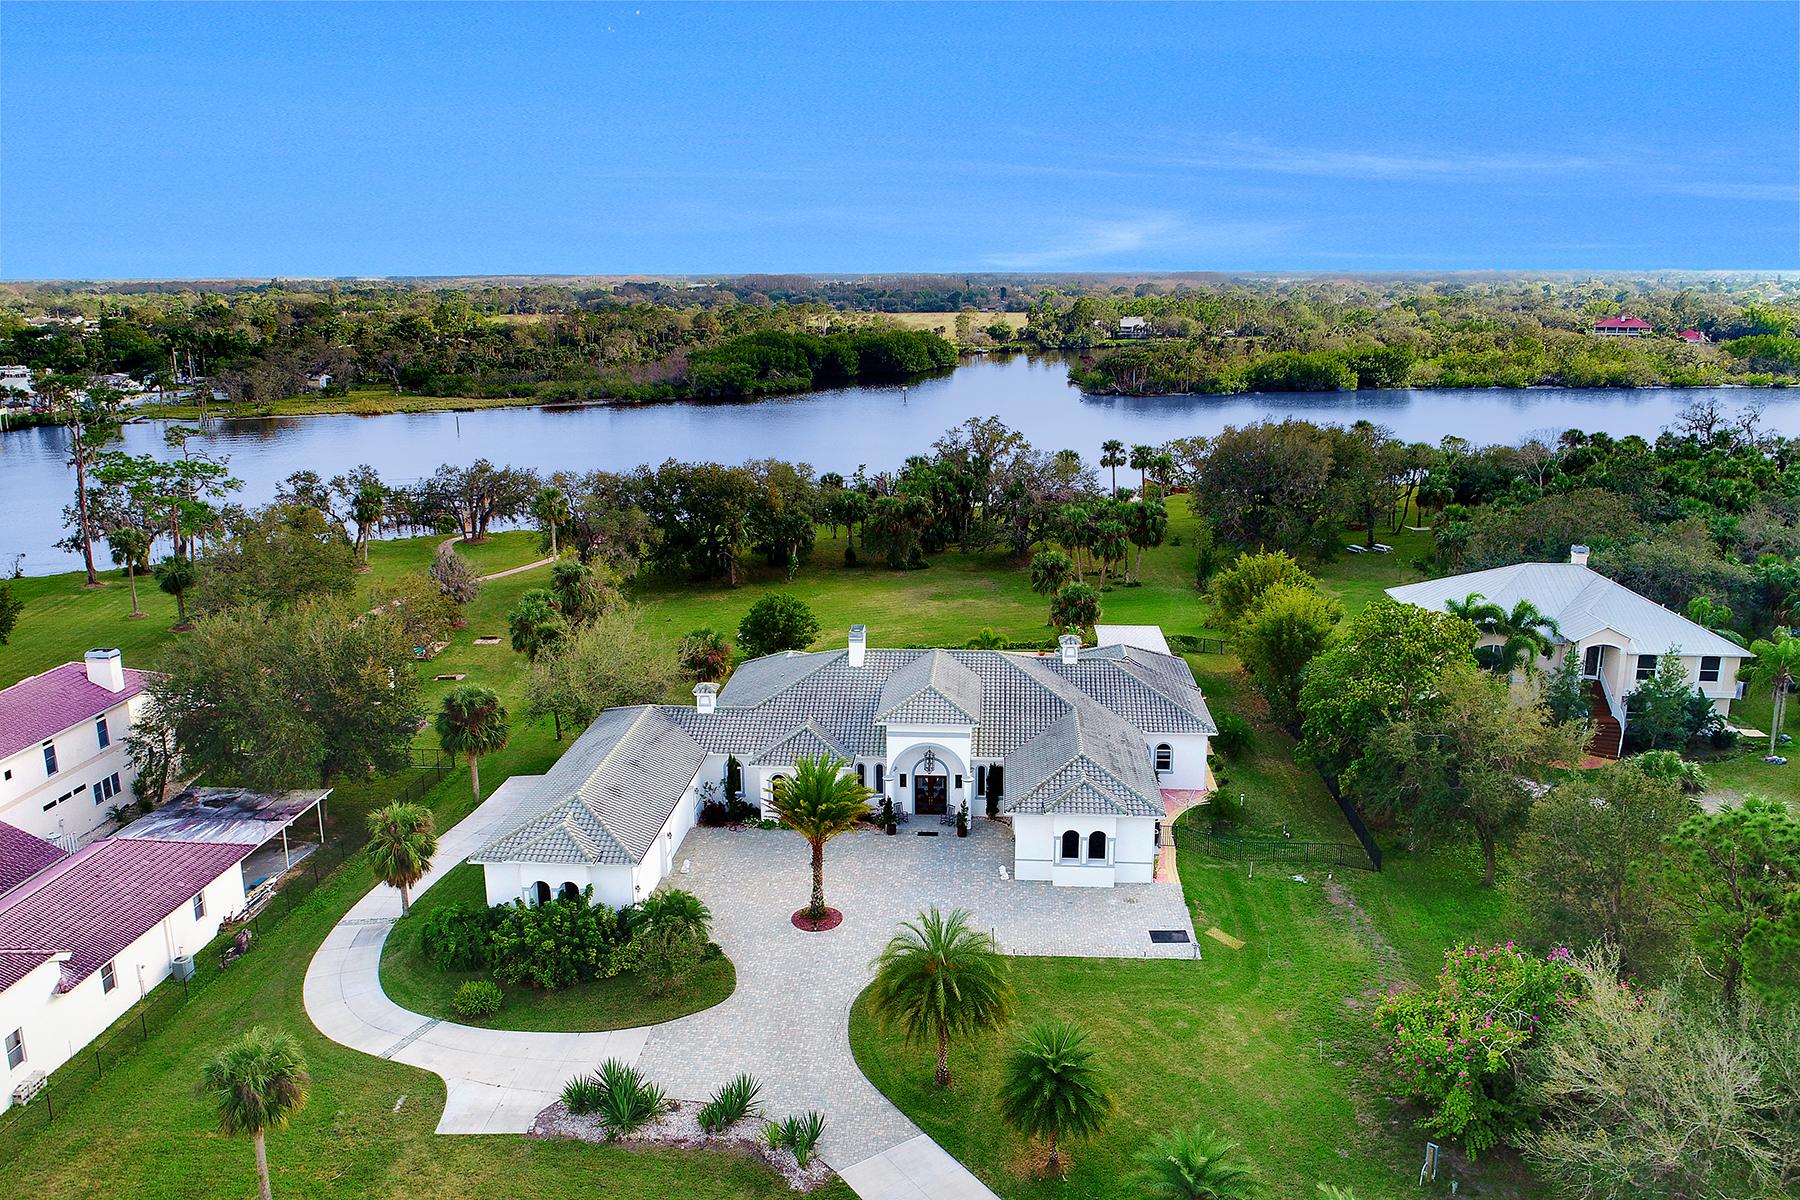 Casa Unifamiliar por un Venta en 14100 Duke Highway, Alva, FL 33920 14100 Duke Hwy, Alva, Florida, 33920 Estados Unidos